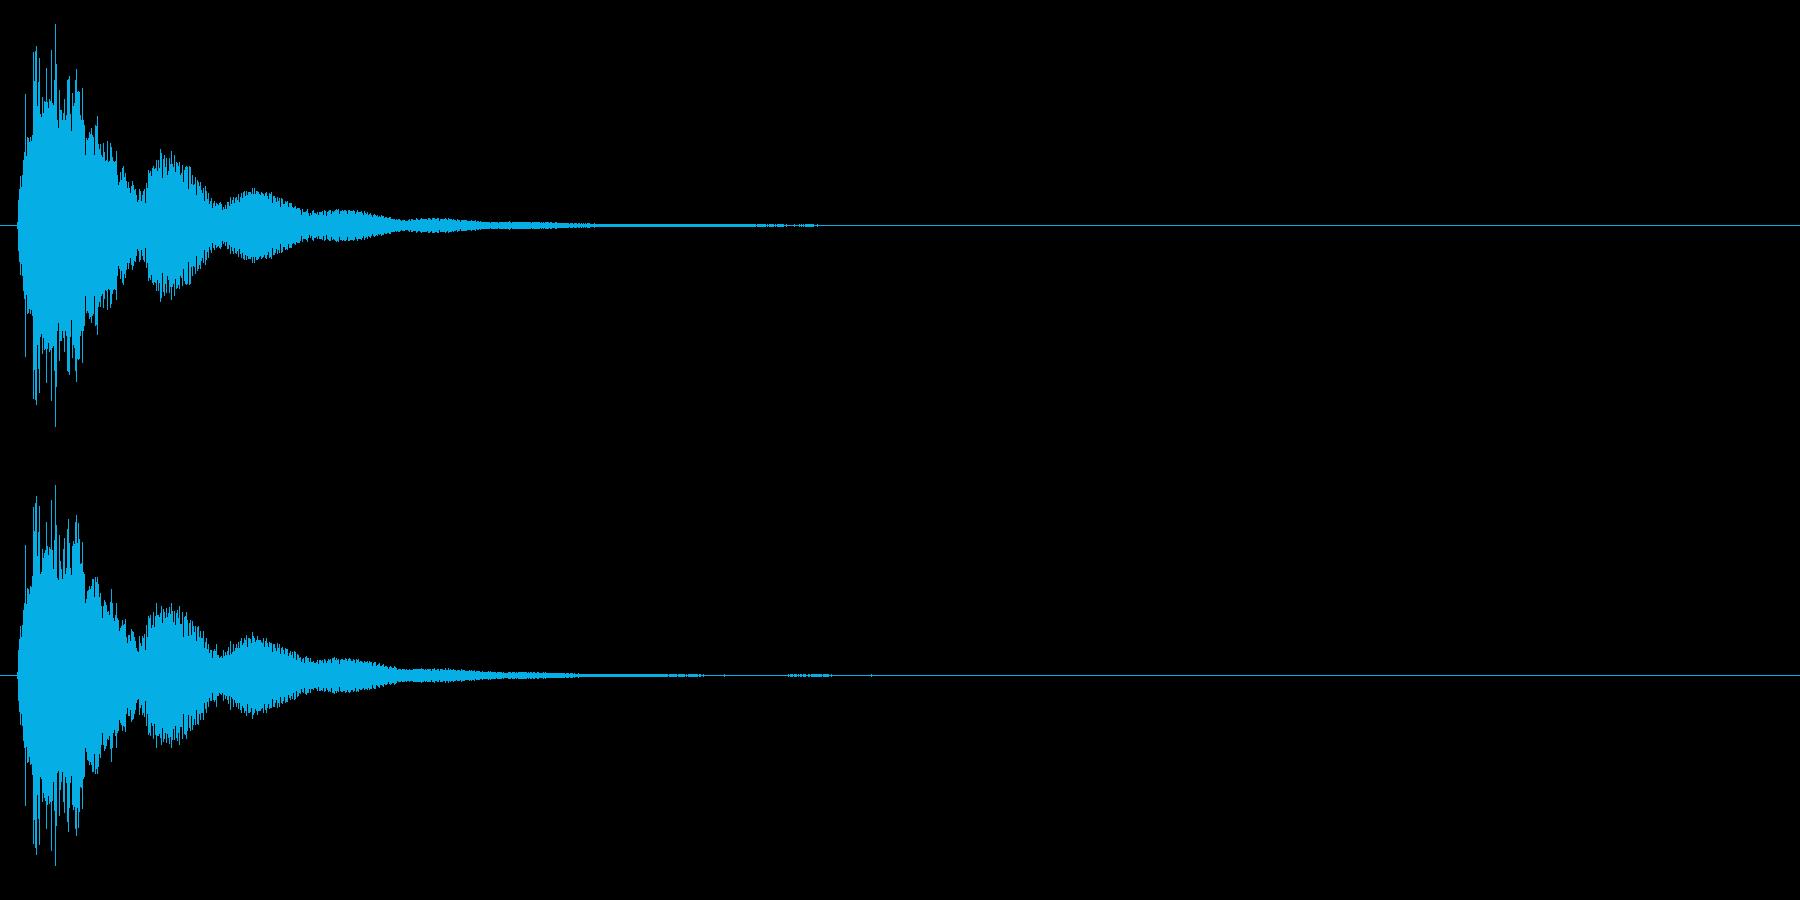 連鎖/パズルゲーム/コンボ/3段階目の再生済みの波形